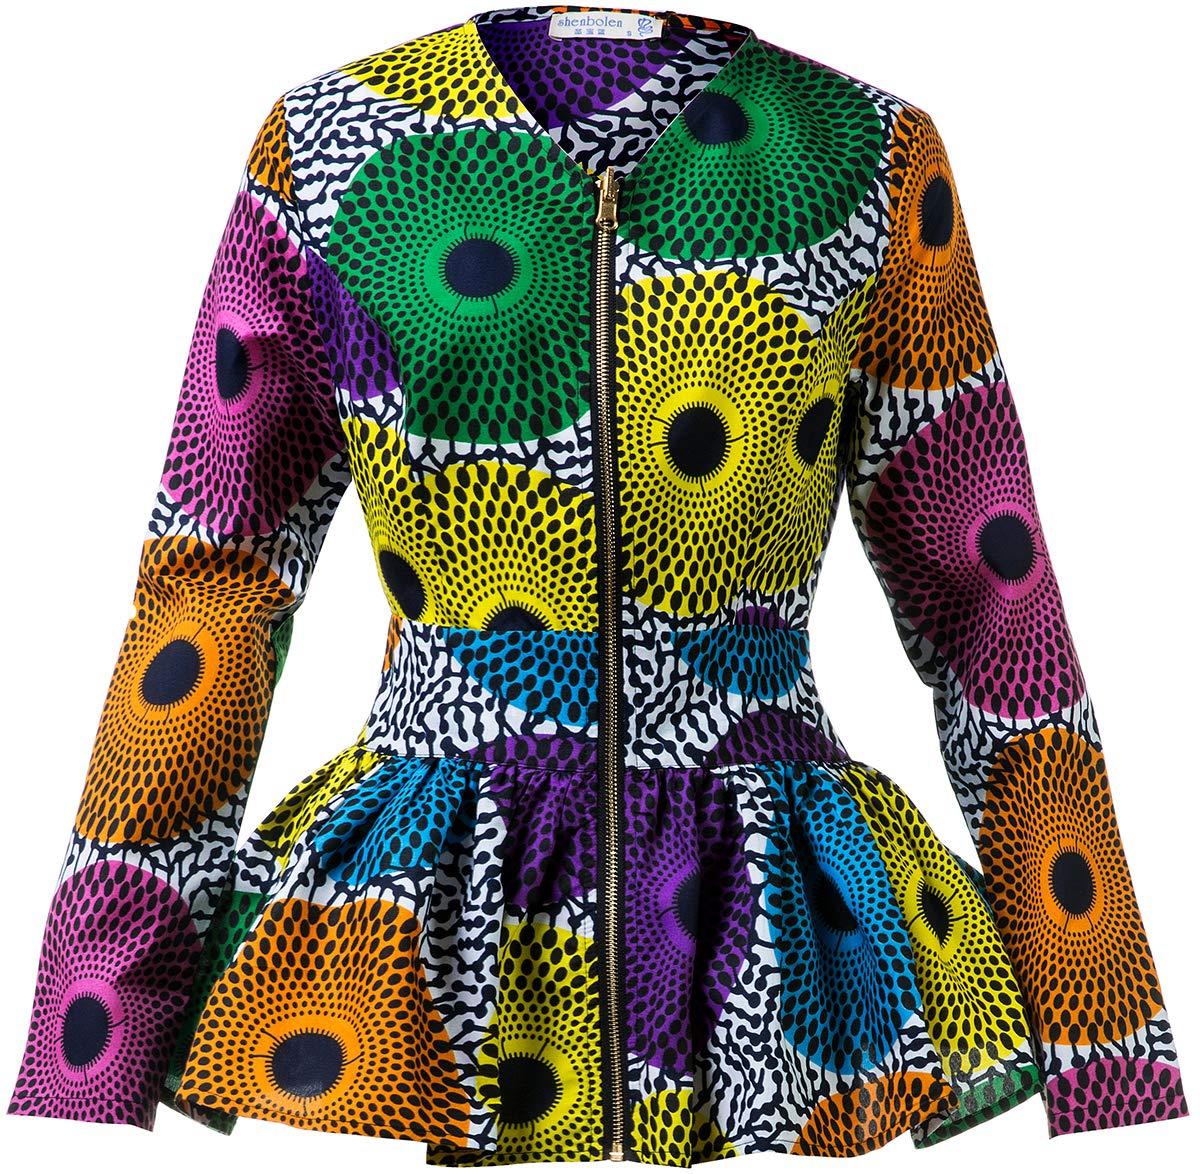 Shenbolen Women African Print Shirt Ankara Long Sleeves Top(A,XXX-Large)